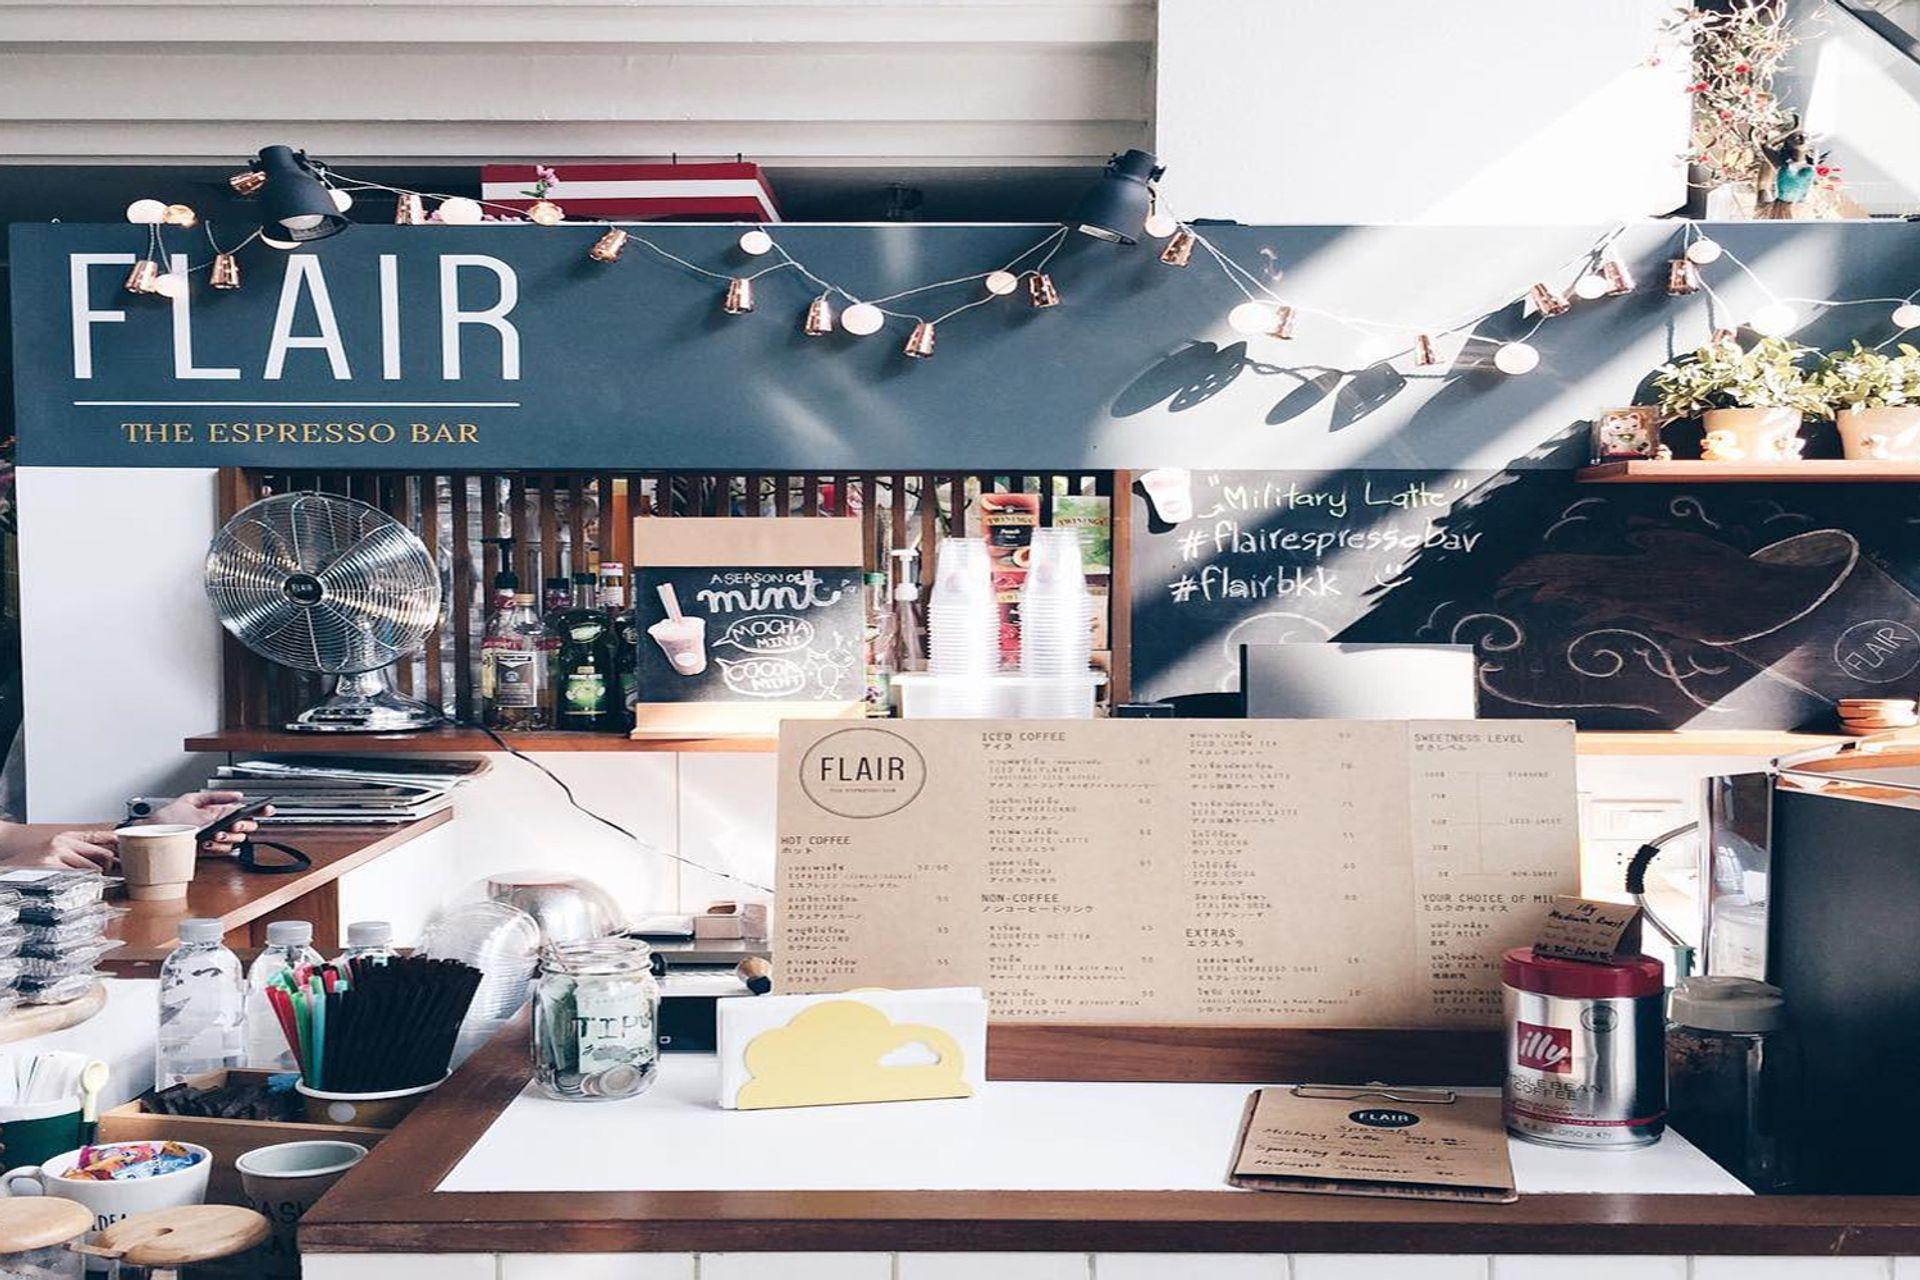 Flair The Espresso Bar